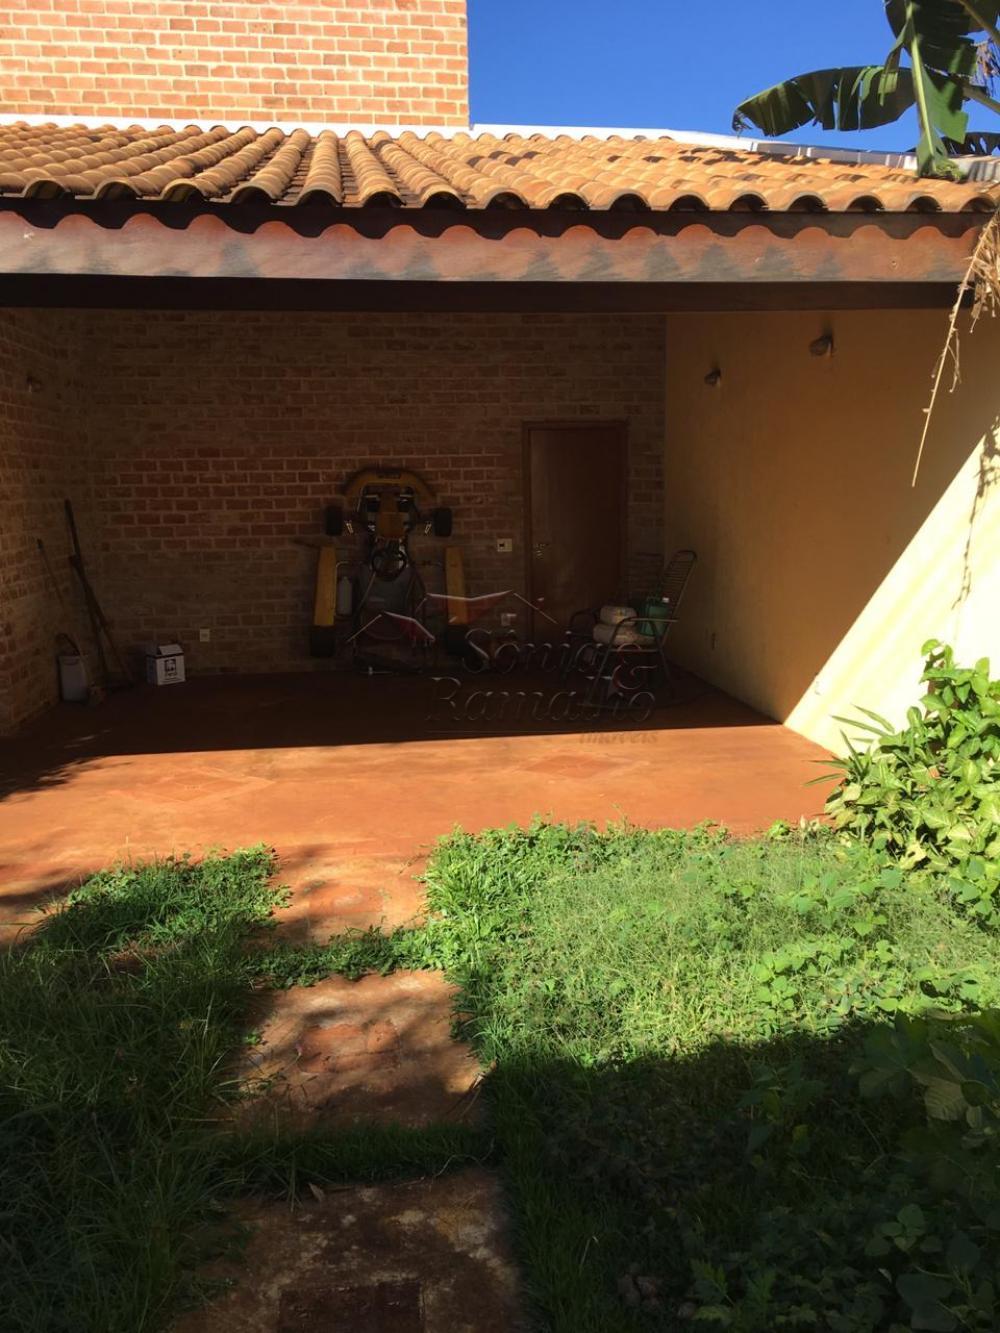 Comprar Casas / Padrão em Ribeirão Preto apenas R$ 500.000,00 - Foto 4